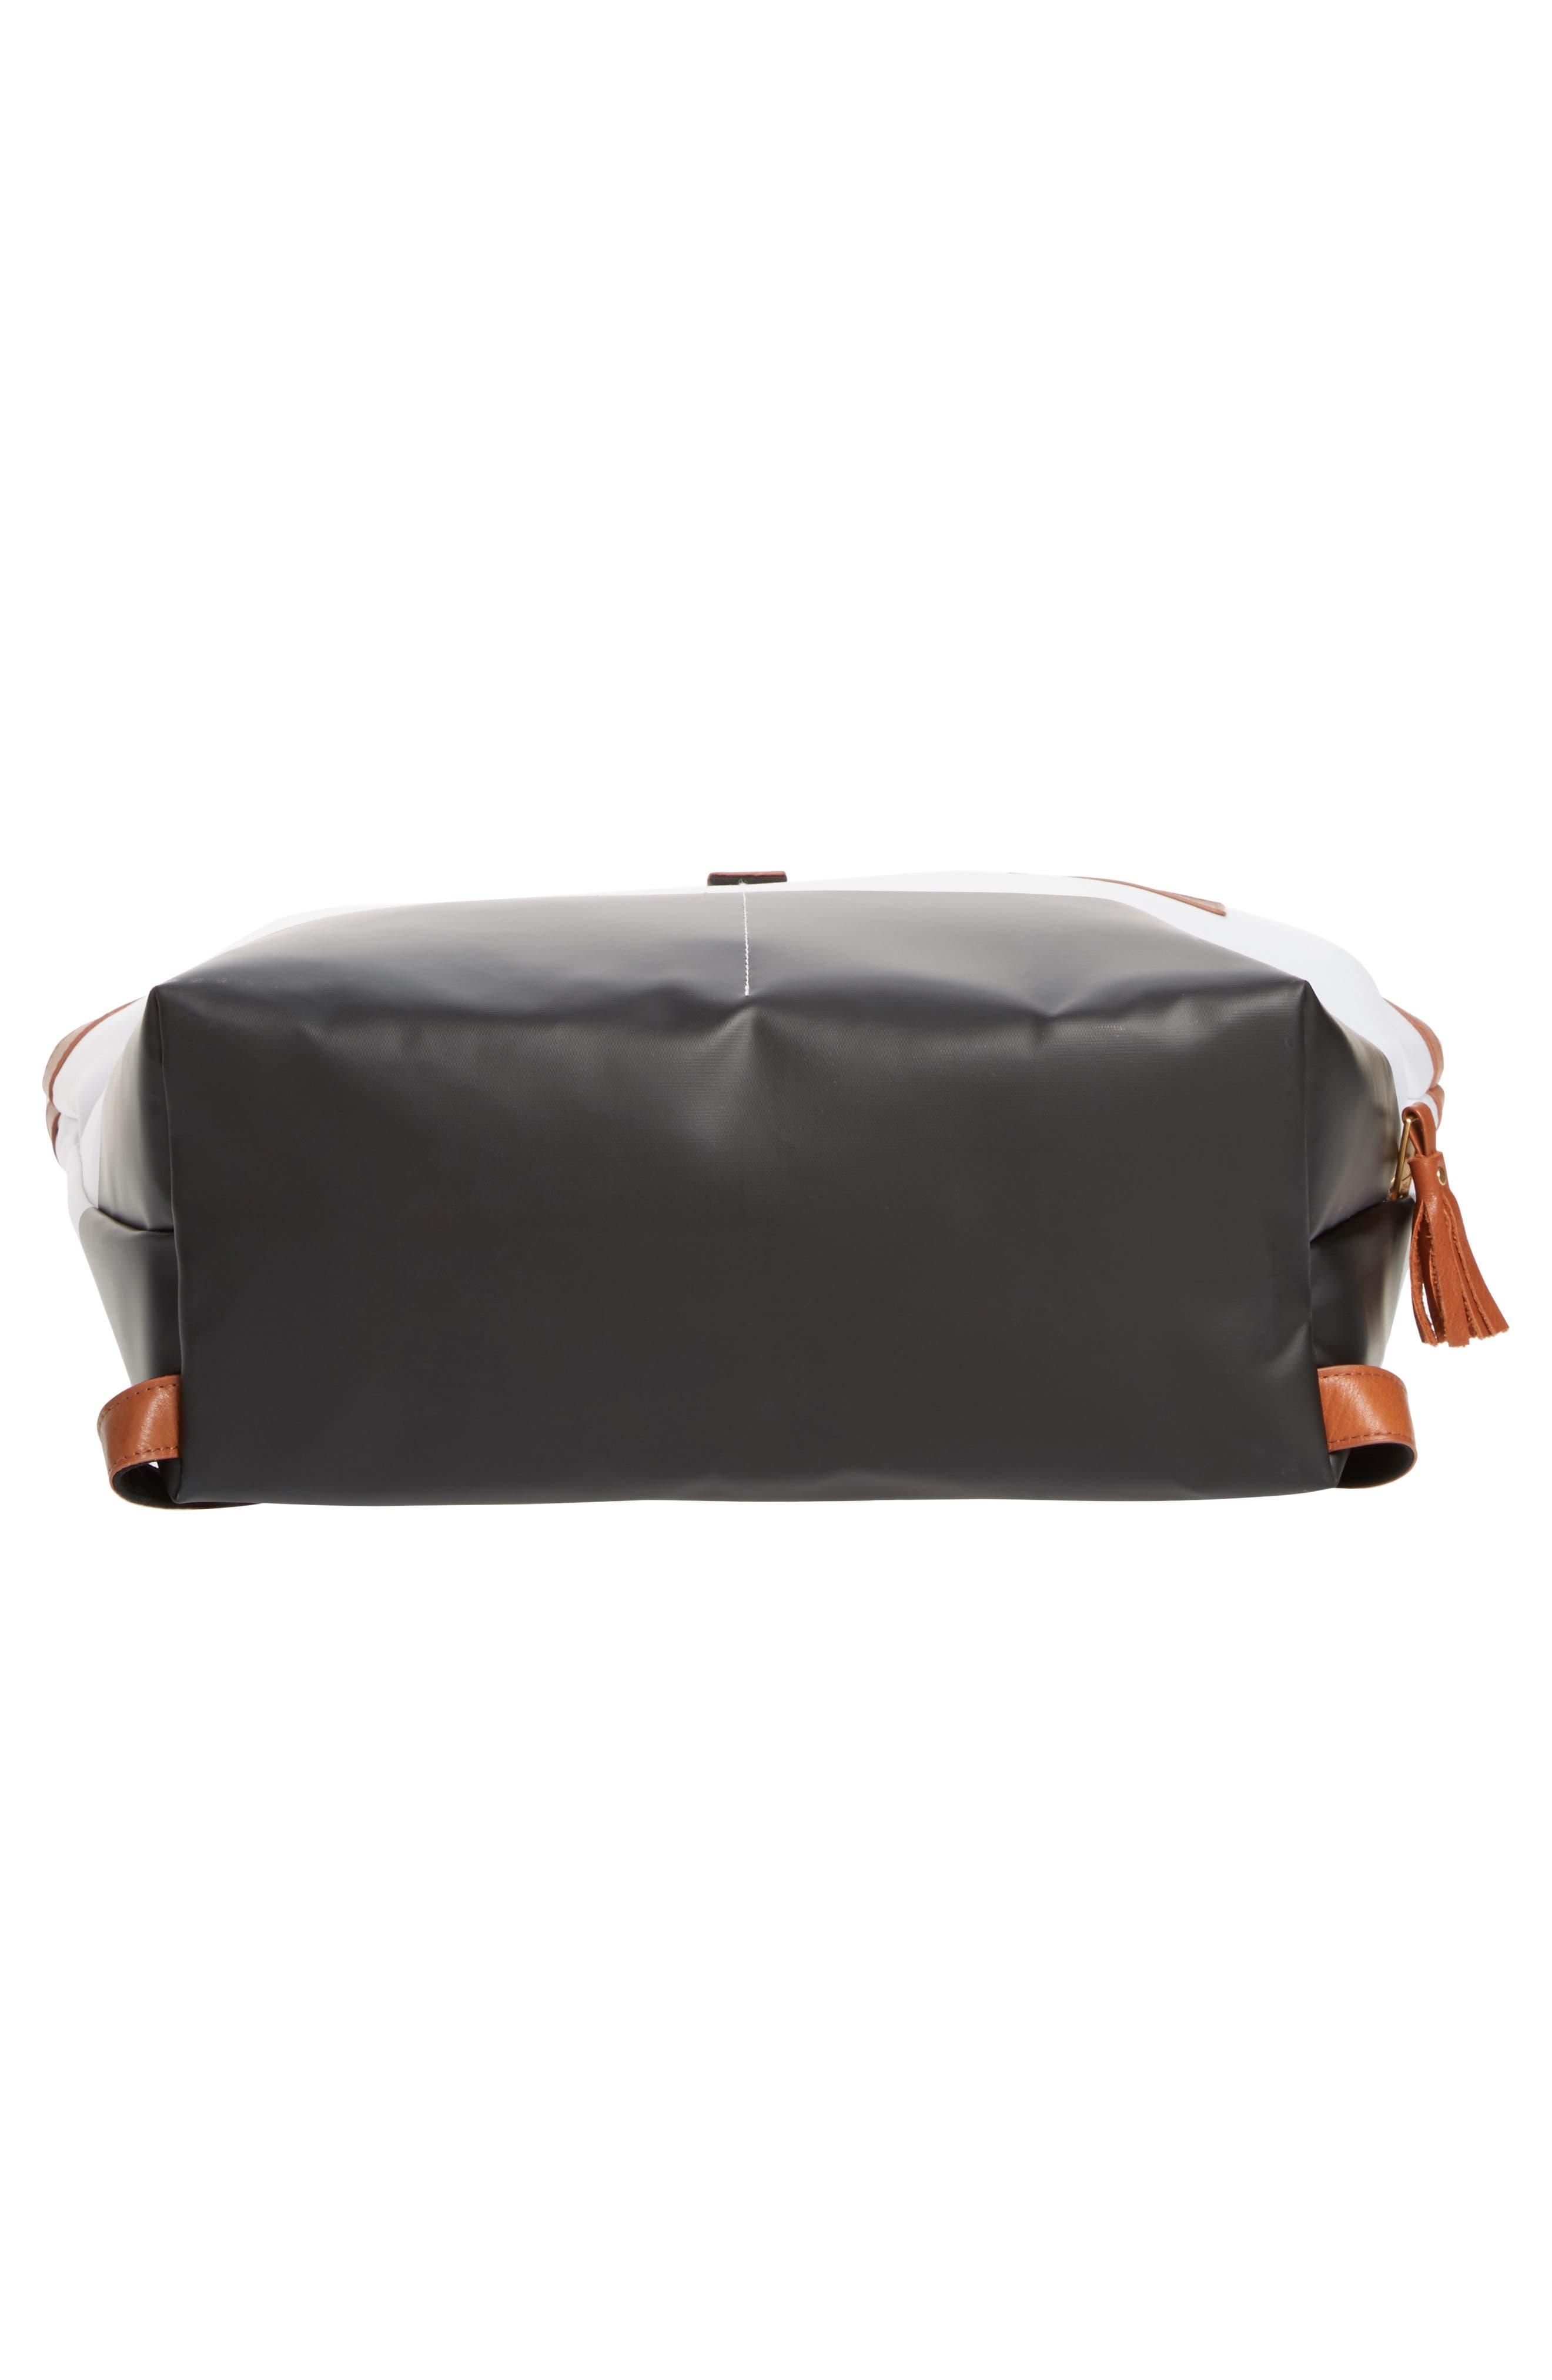 x Rachel Zoe 'Jet Set' Canvas Diaper Bag,                             Alternate thumbnail 6, color,                             100